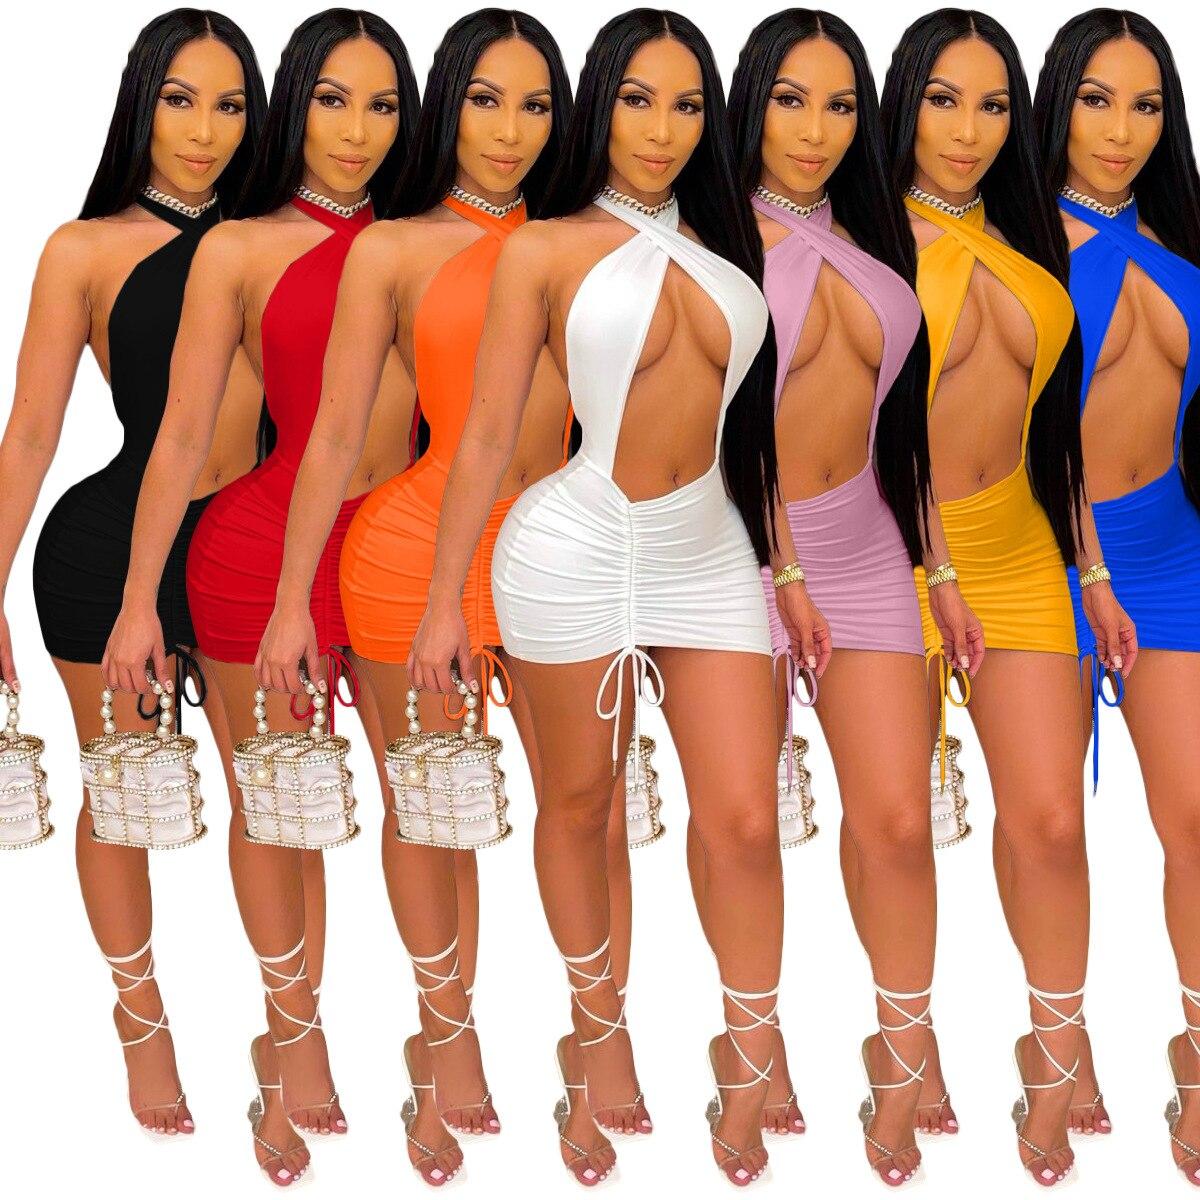 Сексуальное женское вечернее платье Adogirl, элегантное облегающее однотонное мини-платье с открытой спиной, вечерние Клубные наряды, платья с...